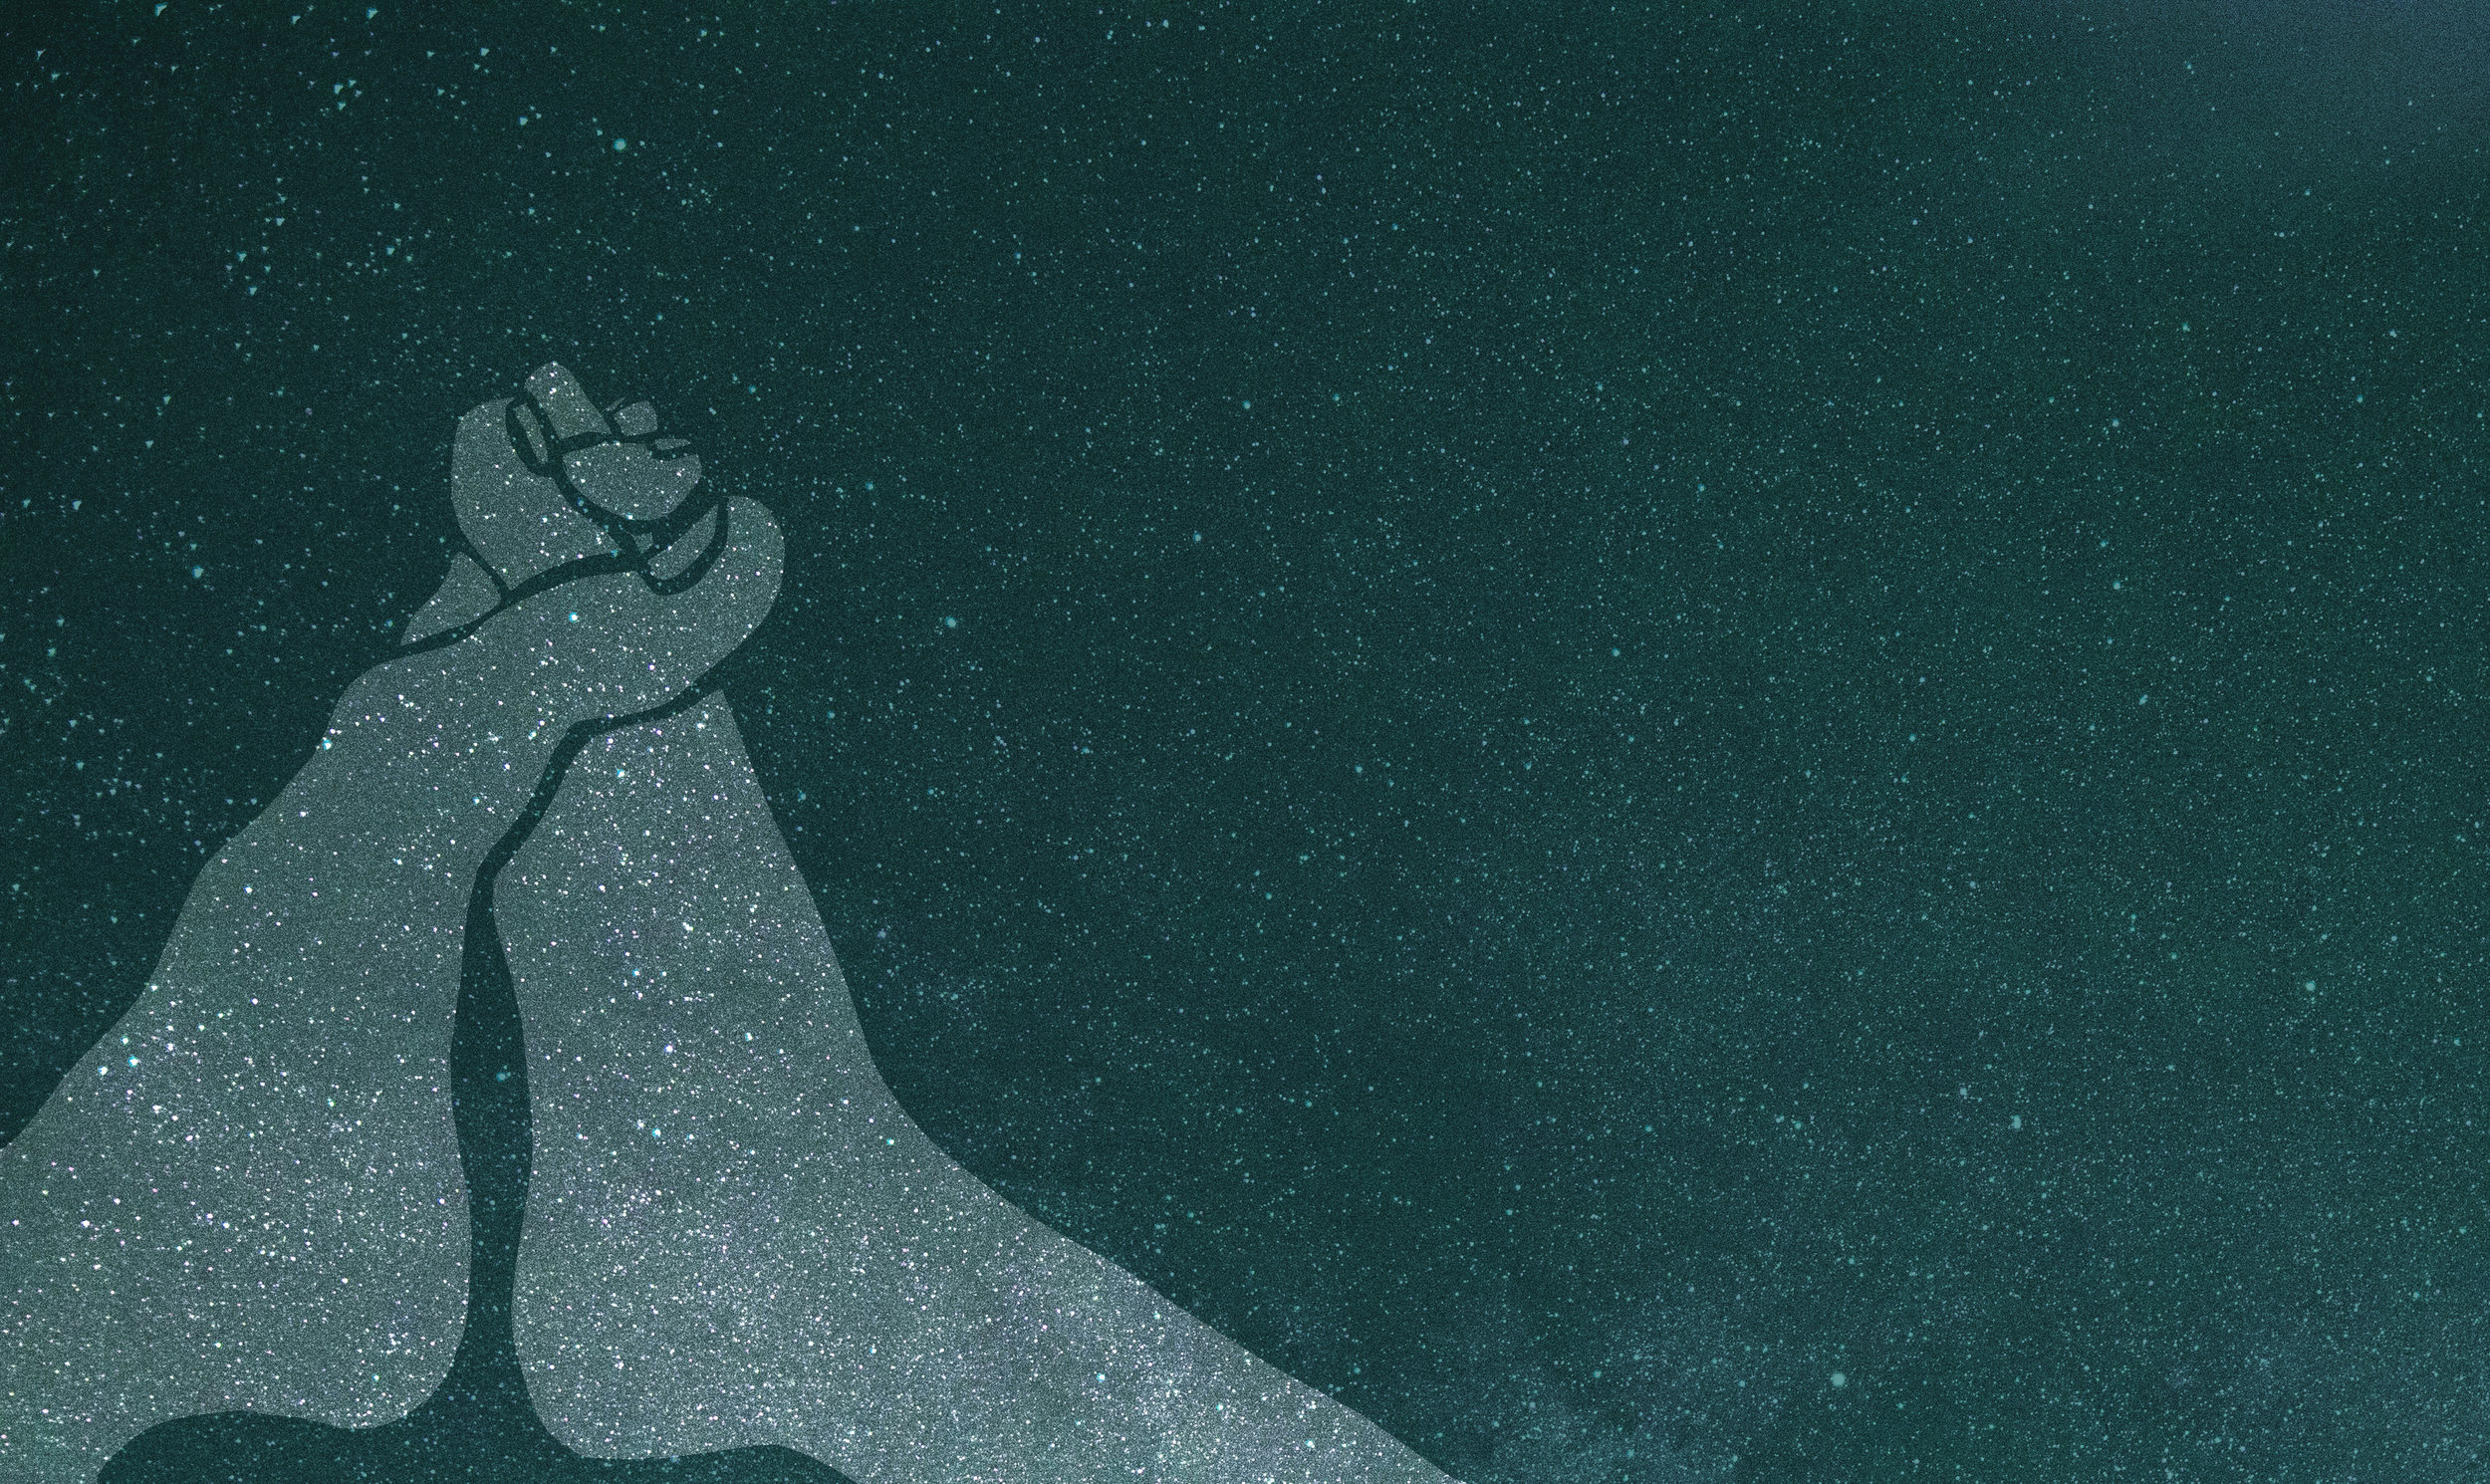 interlacing toes rectangle stars green feldenkrais .jpg